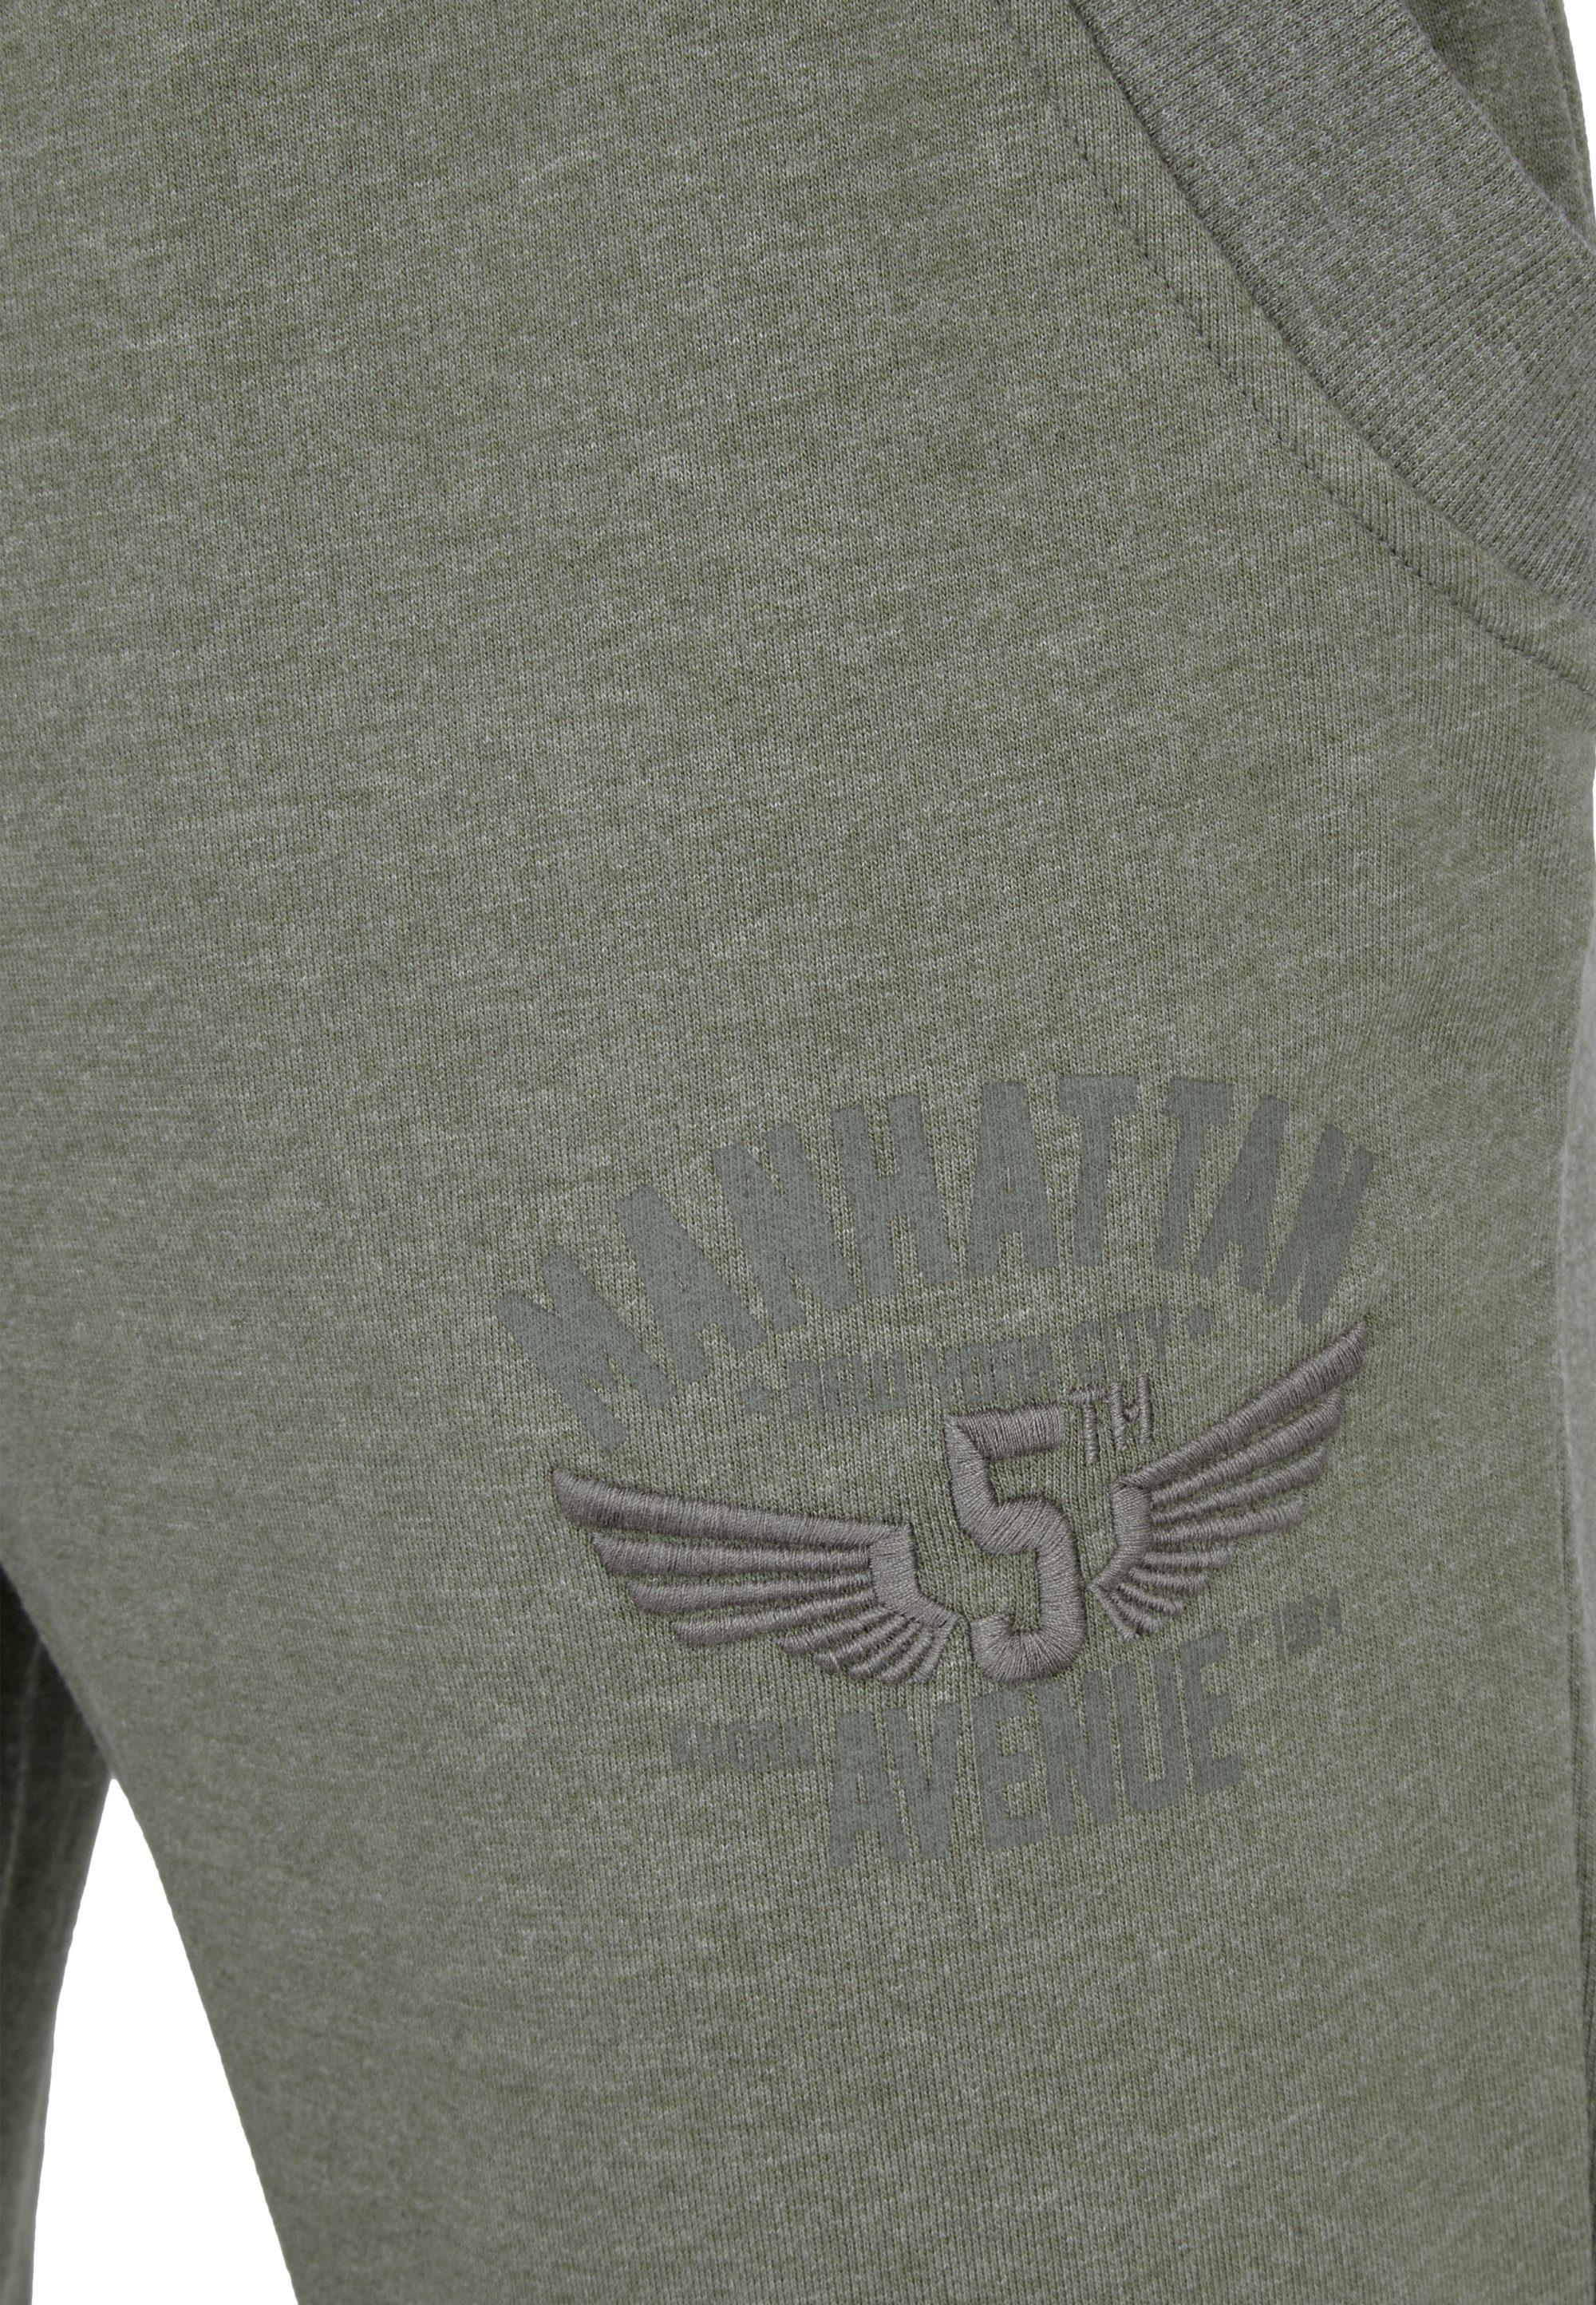 Ahorn Sportswear Joggingbroek Online Bestellen - Geweldige Prijs